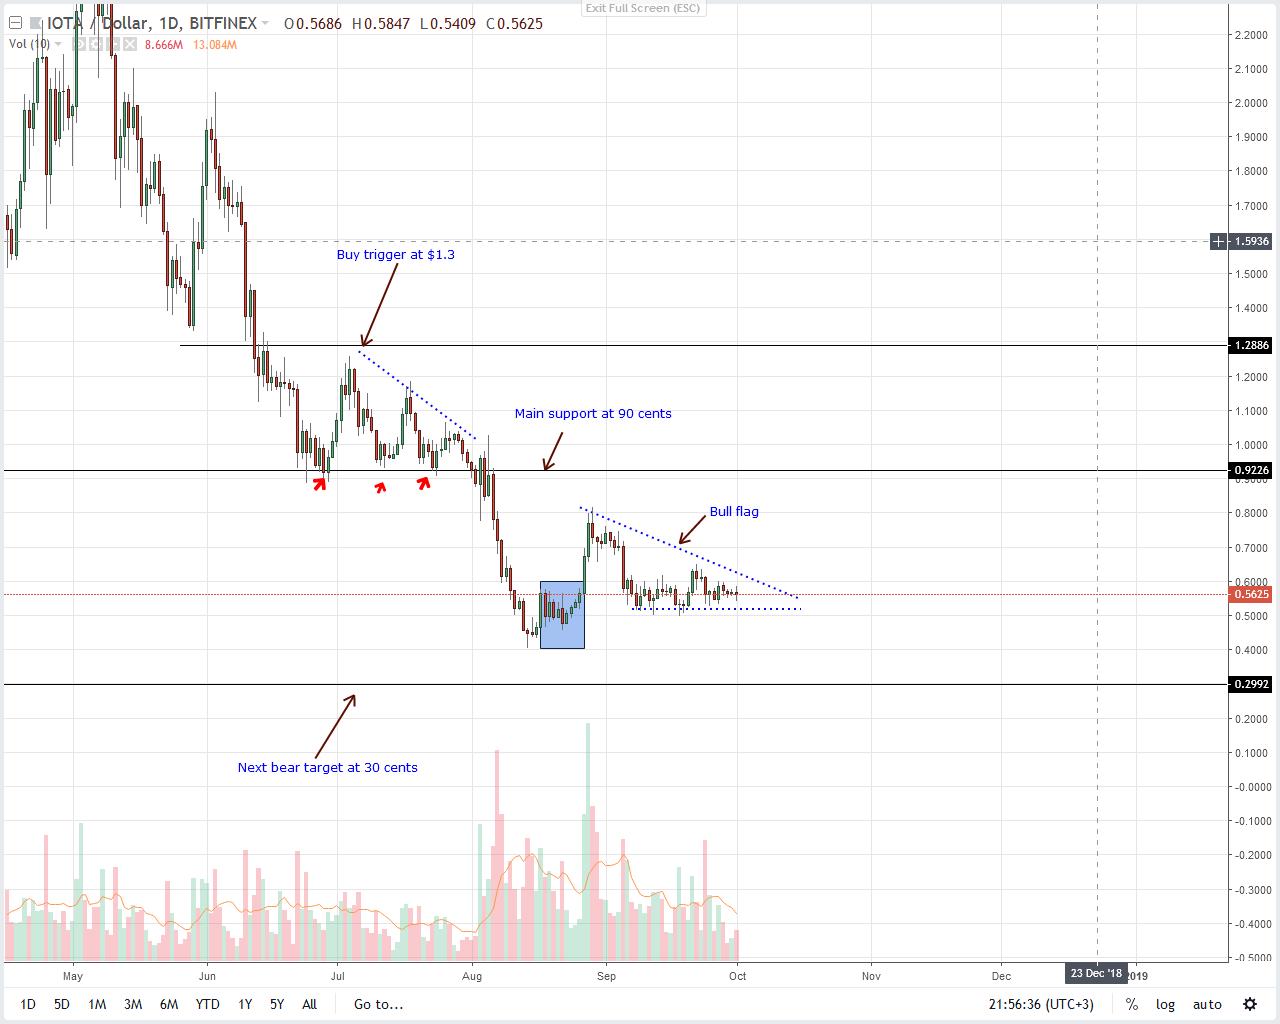 IOTA Price Analysis